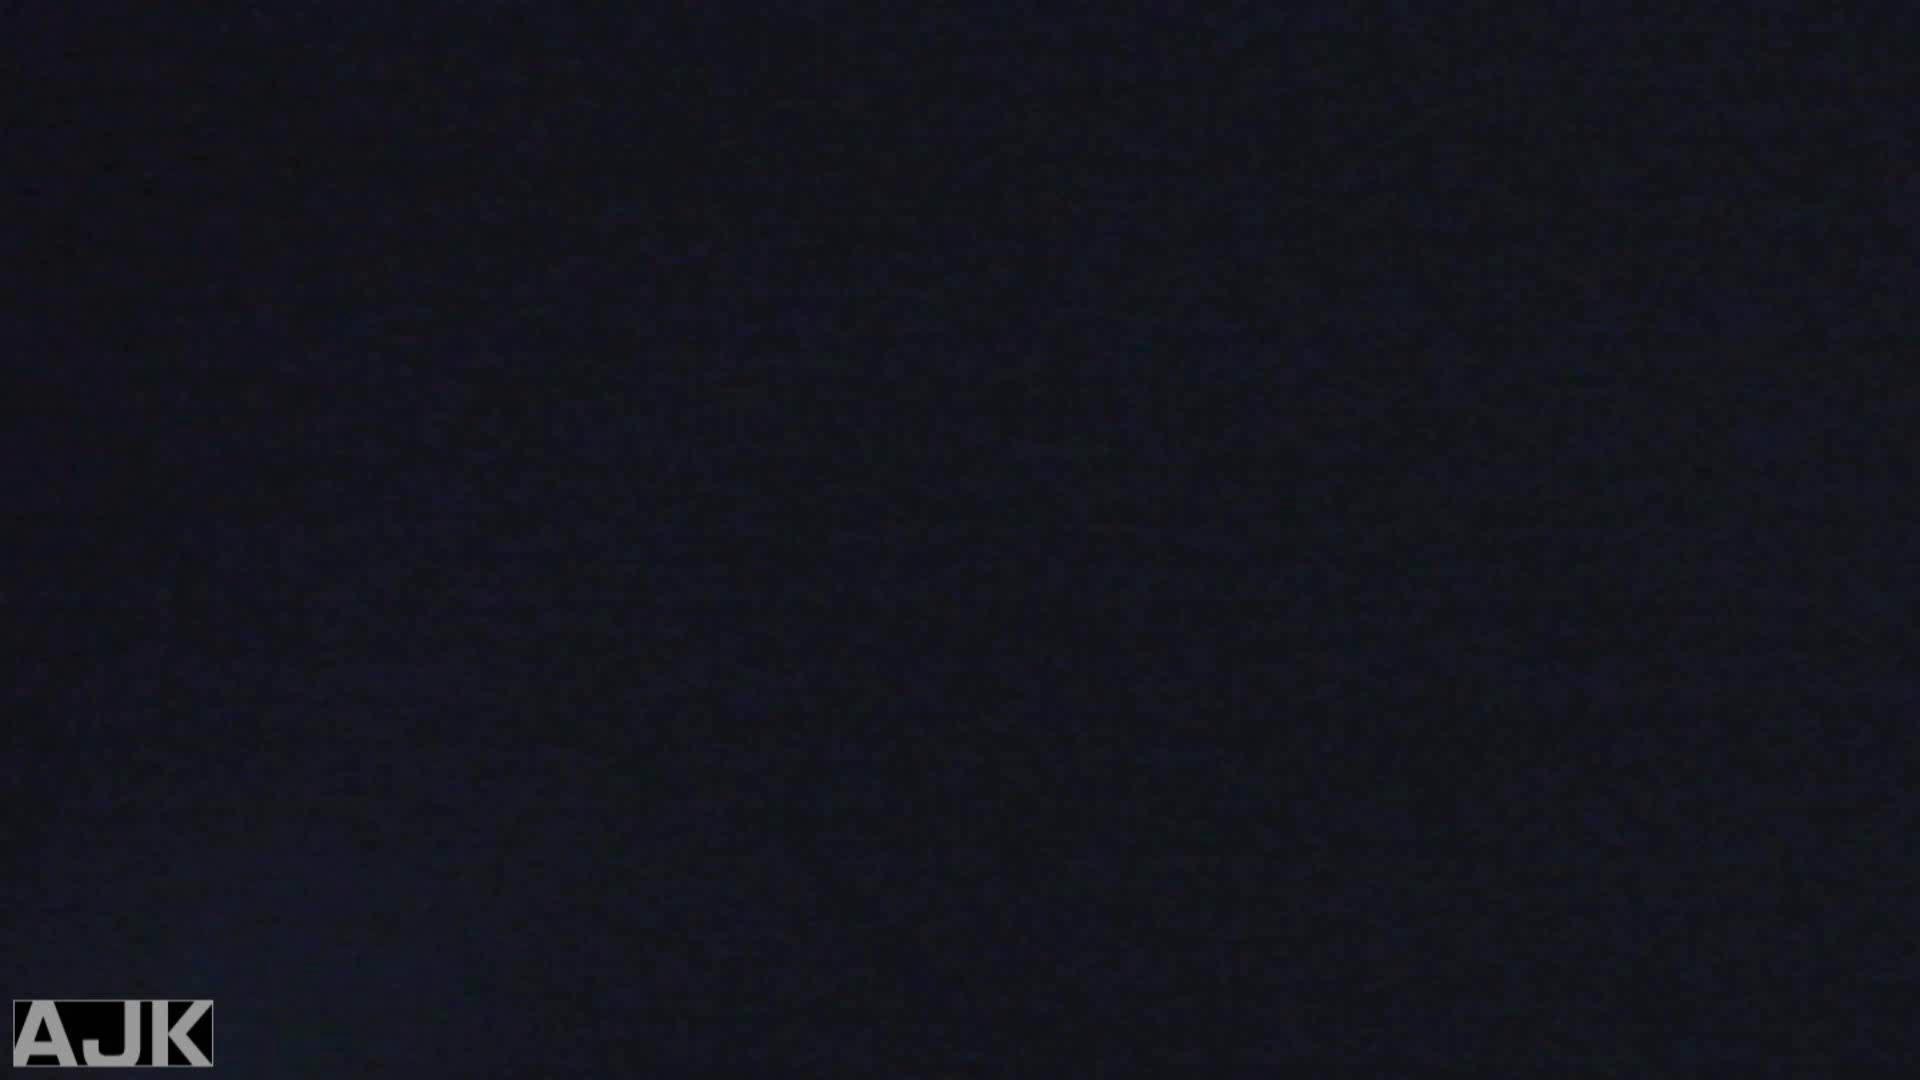 神降臨!史上最強の潜入かわや! vol.22 美女丸裸 セックス画像 96pic 11